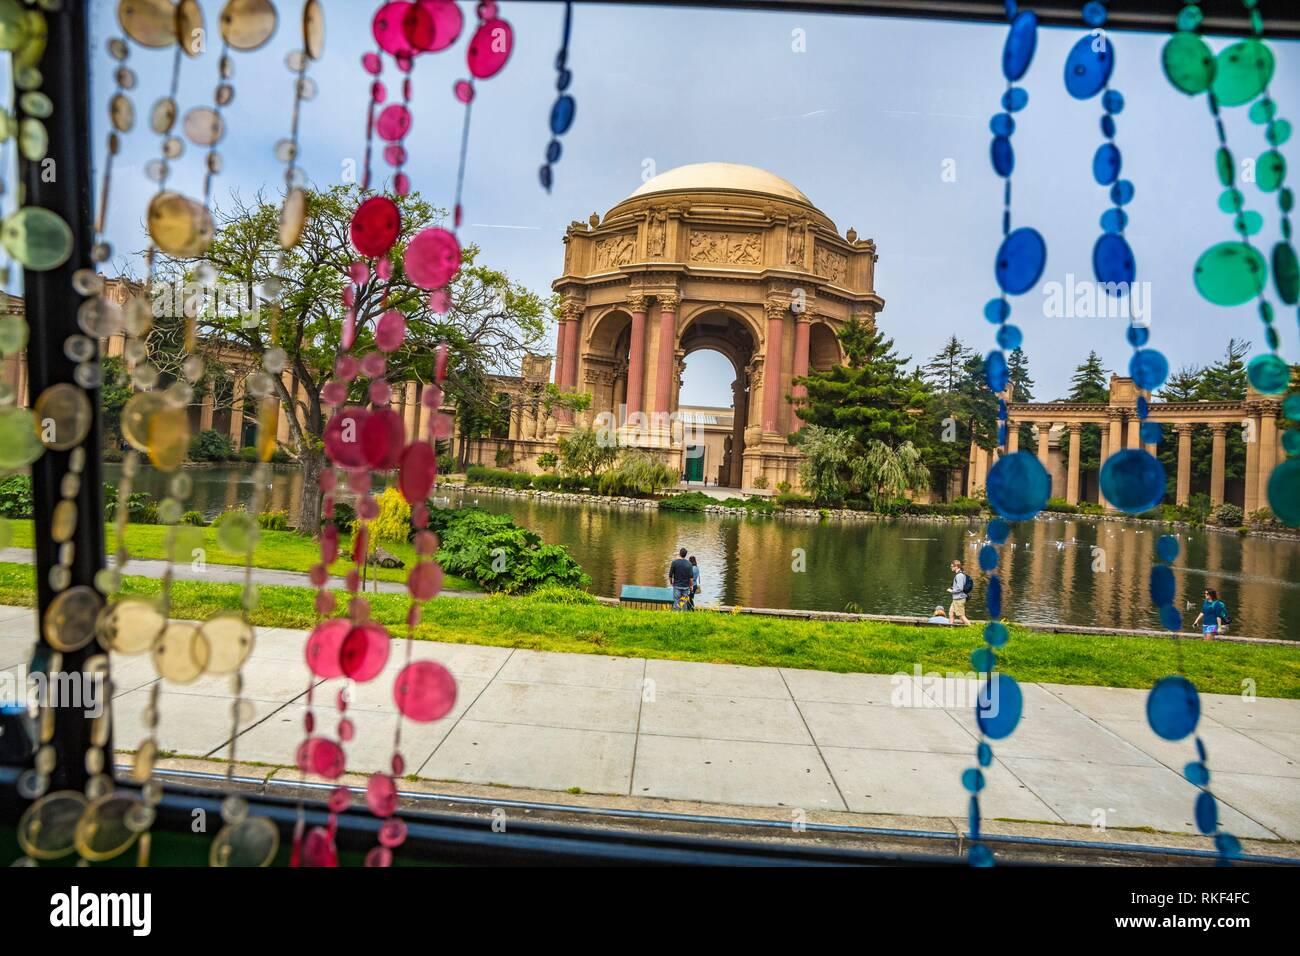 Palast der Schönen Künste Theater. 1970 Wolkswagen Busse. Hippie Bus. San Francisco Sightseeing Liebe Tour. San Francisco. Kalifornien, USA Stockbild